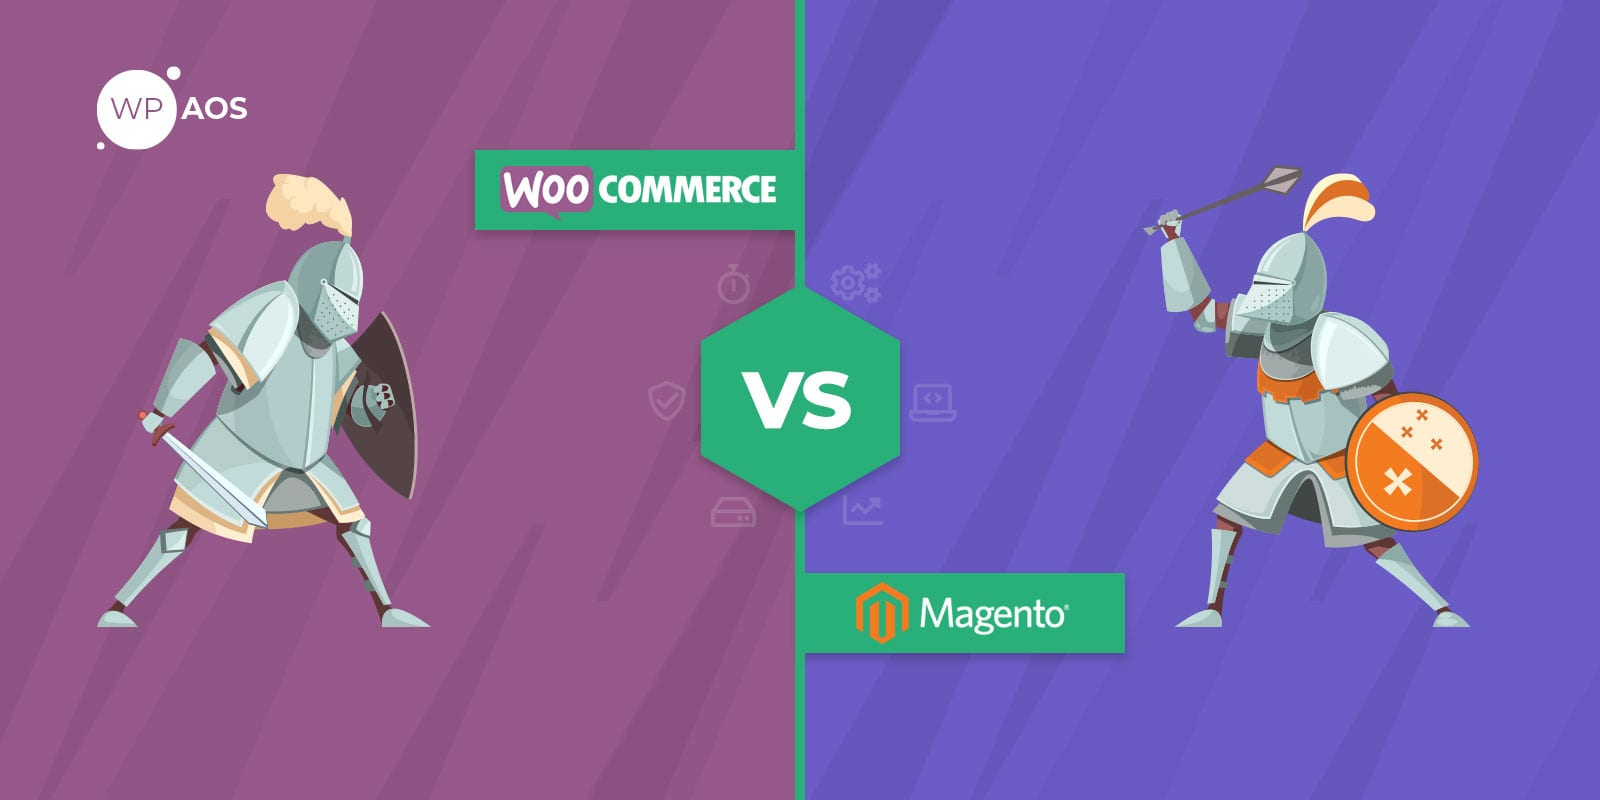 WooCommerce, Magento, eCommerce, wpaos